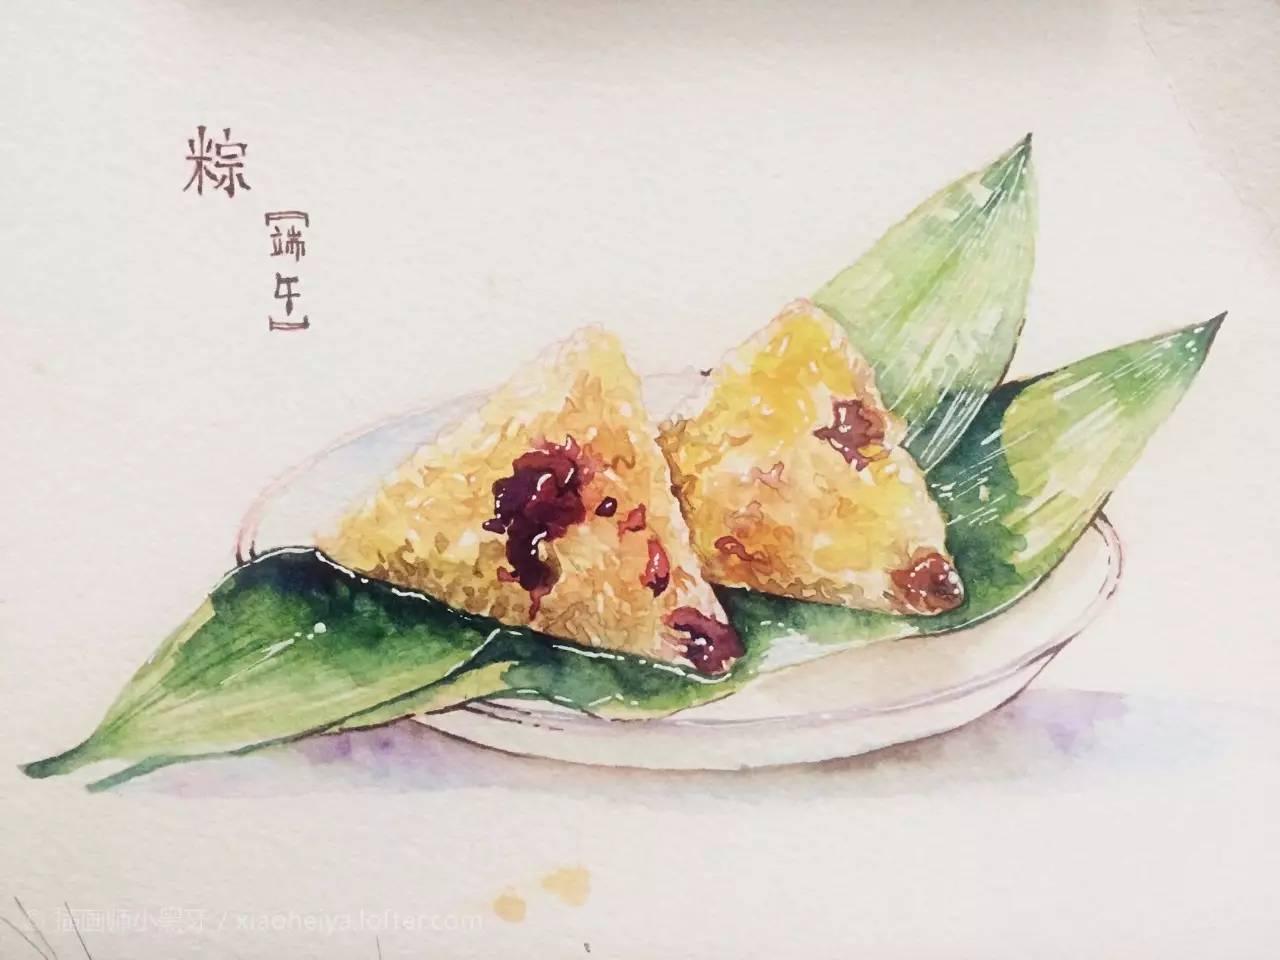 记得小时候吃的粽子是什么馅的吗